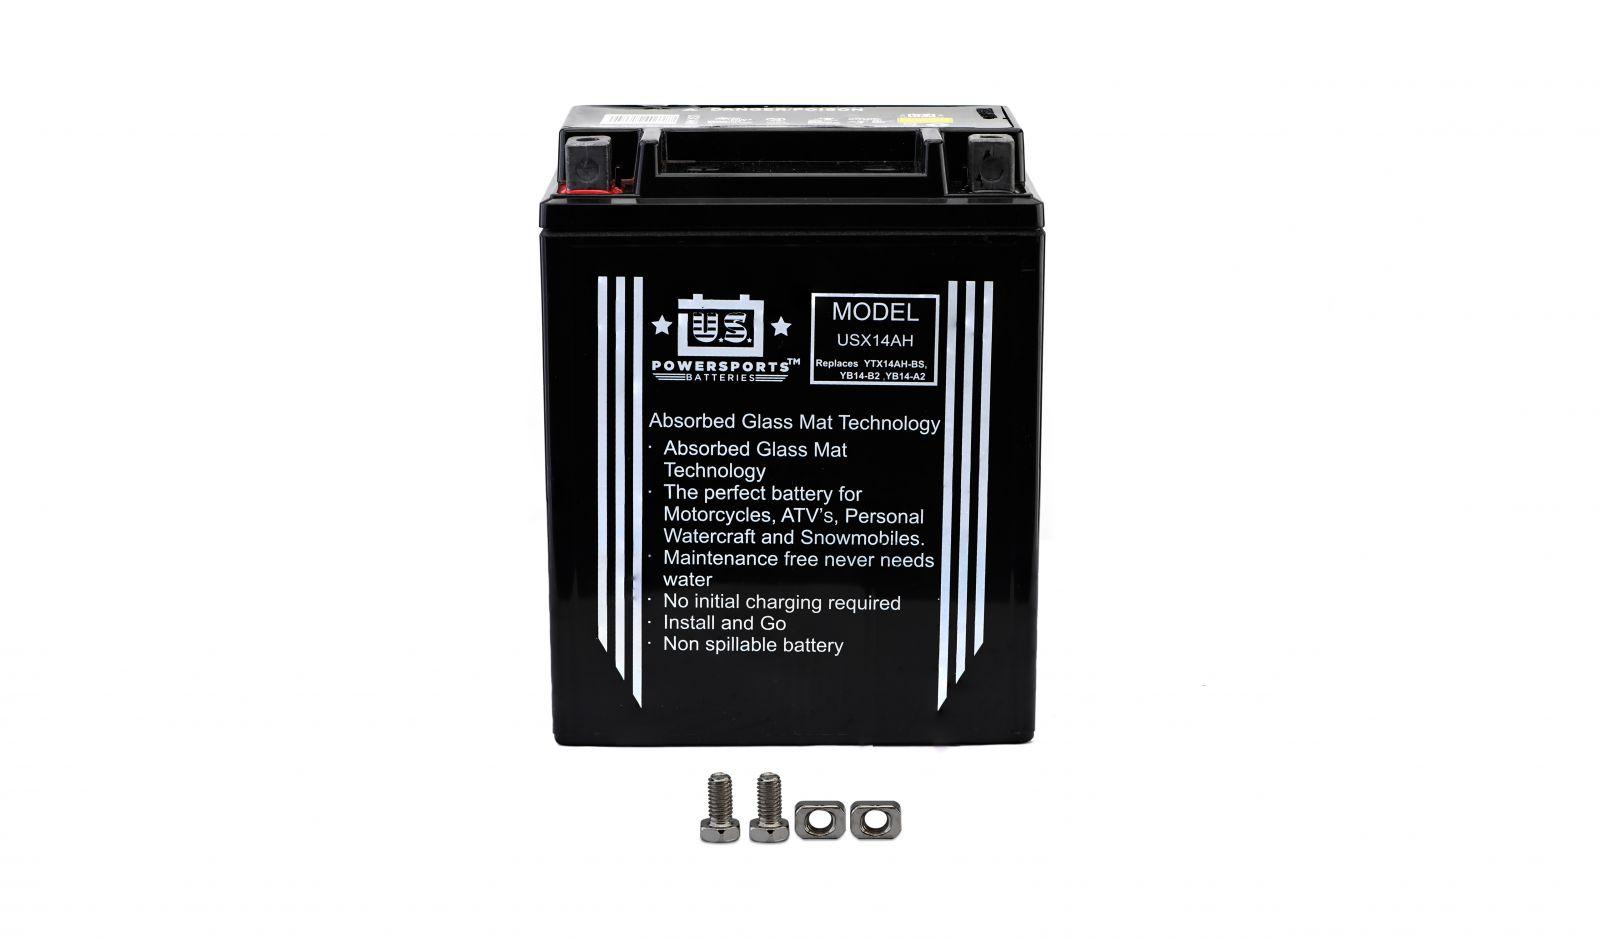 Us Powersports Sealed Battery - 501140U image